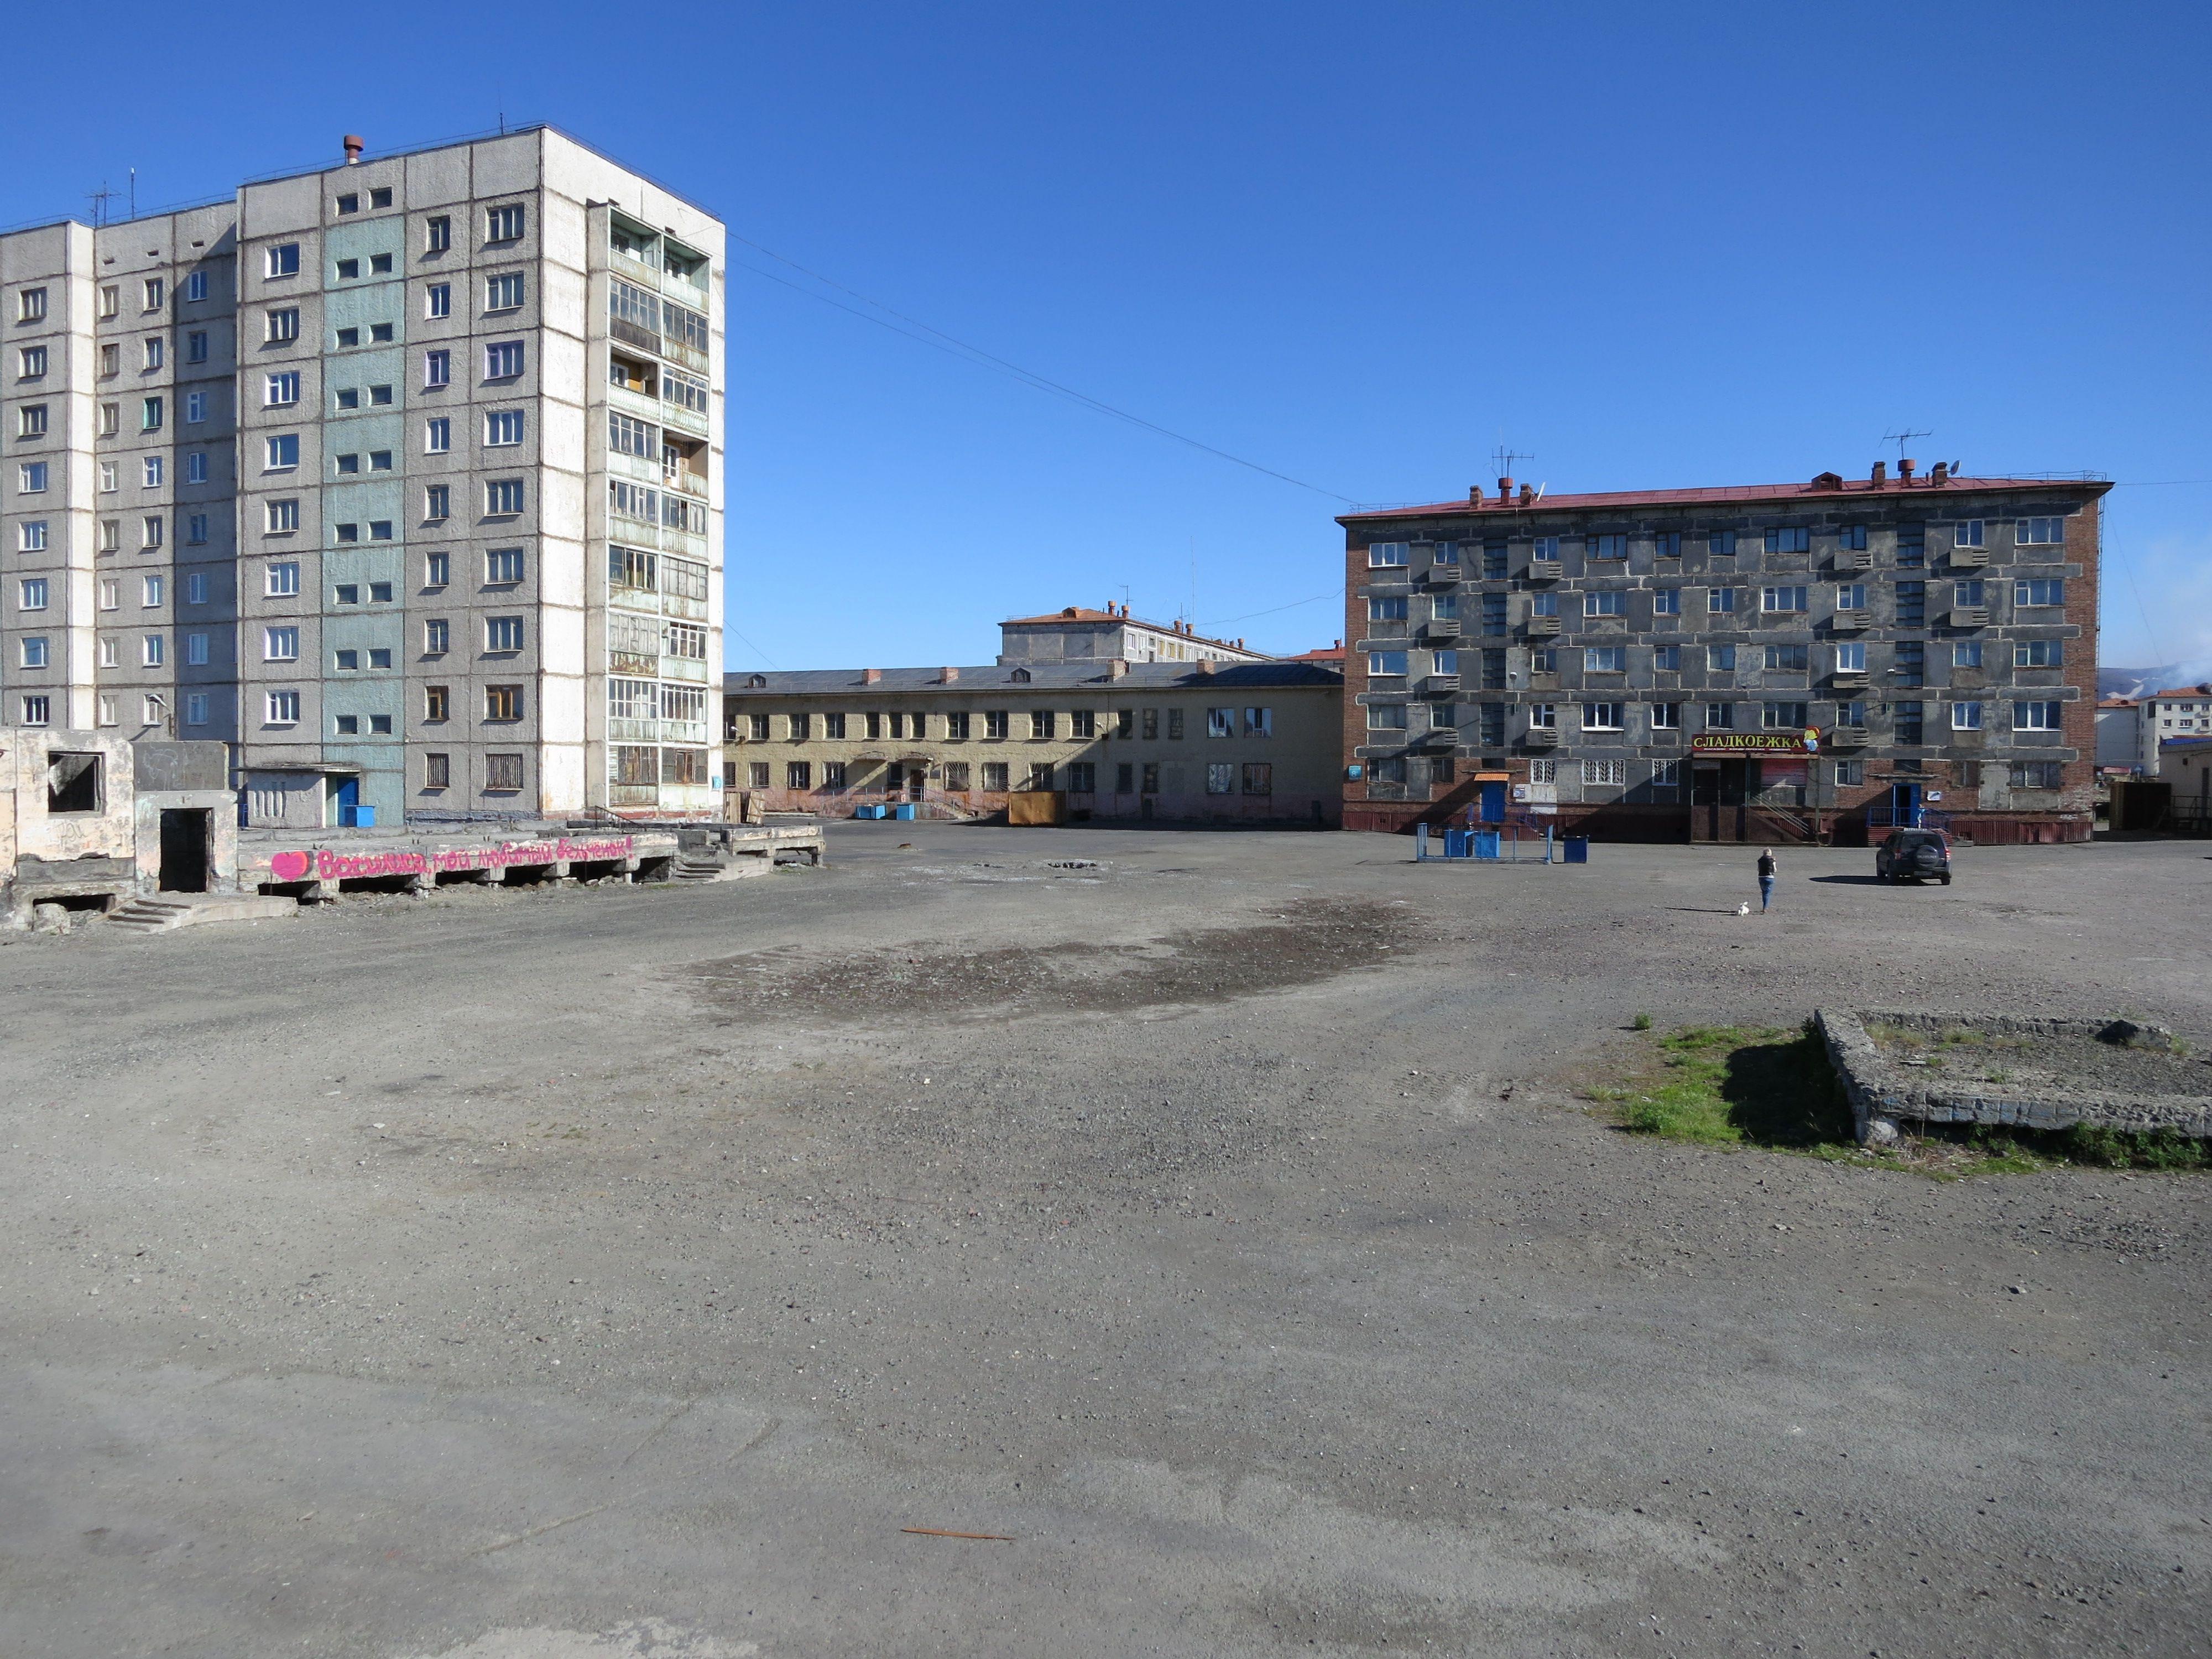 Dating Forums in Norilsk